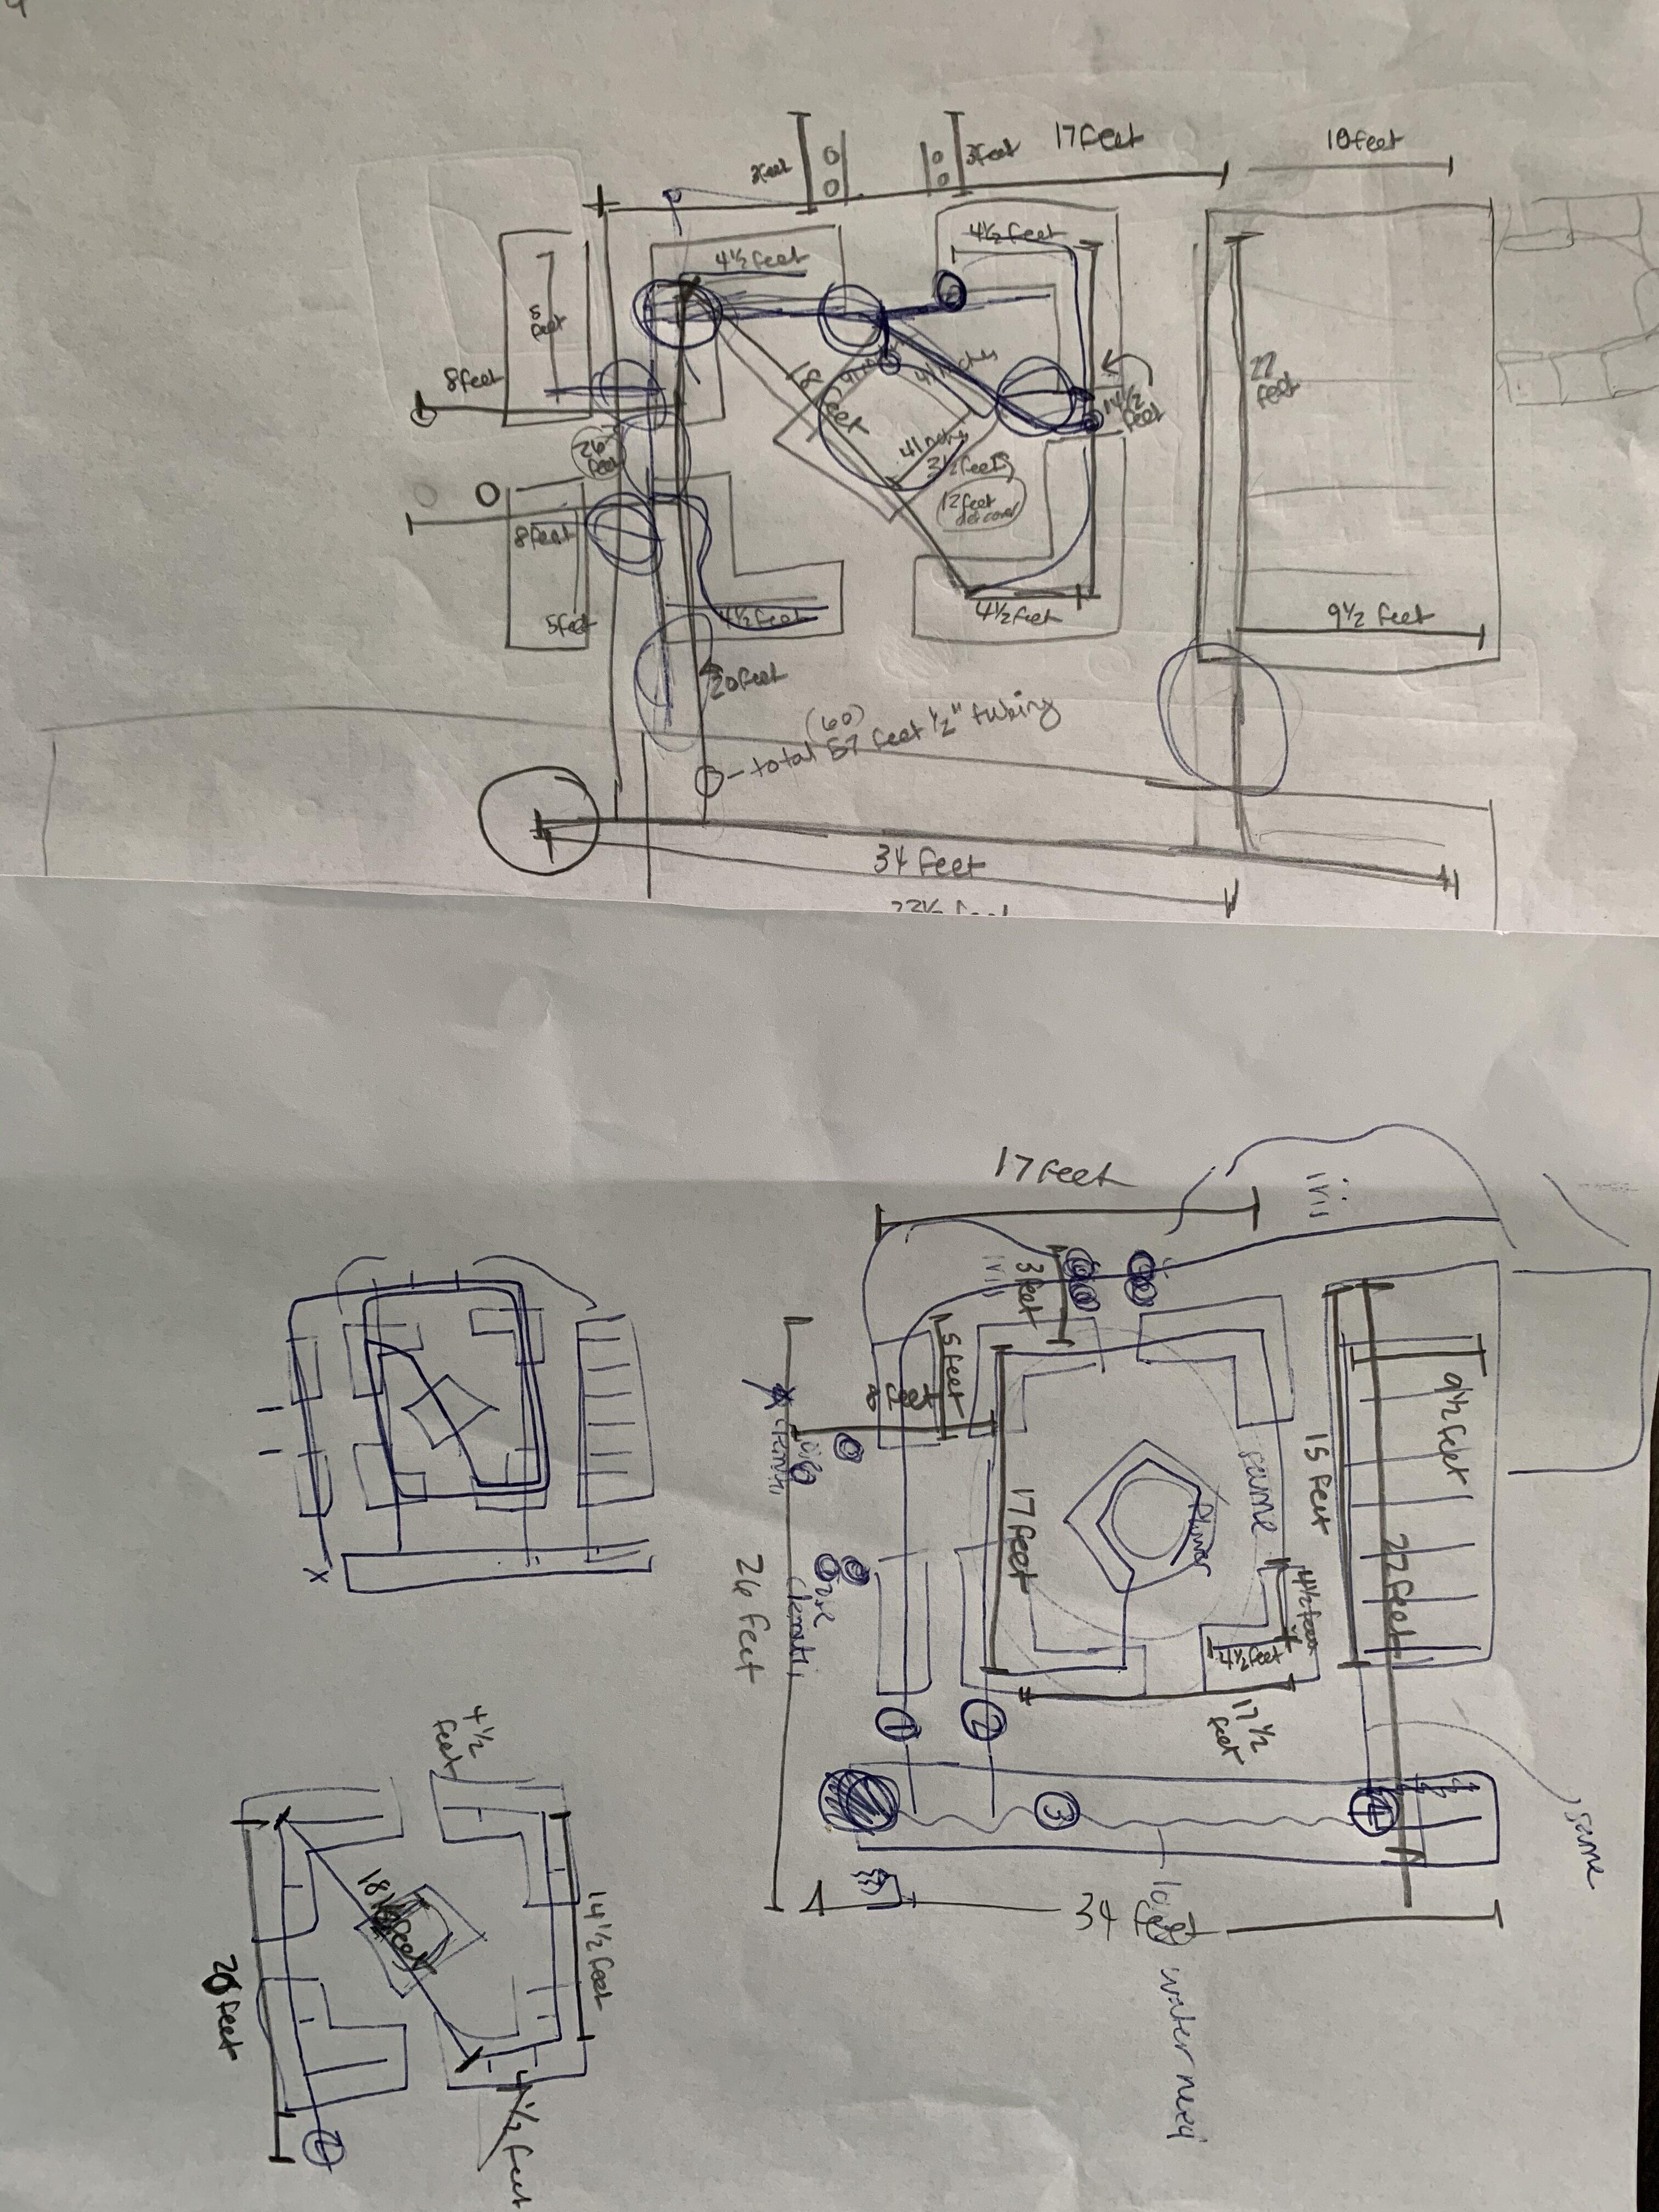 1B71858D 3216 47CF B1CD DFC4D97E12CA Garden testing and infrastructure